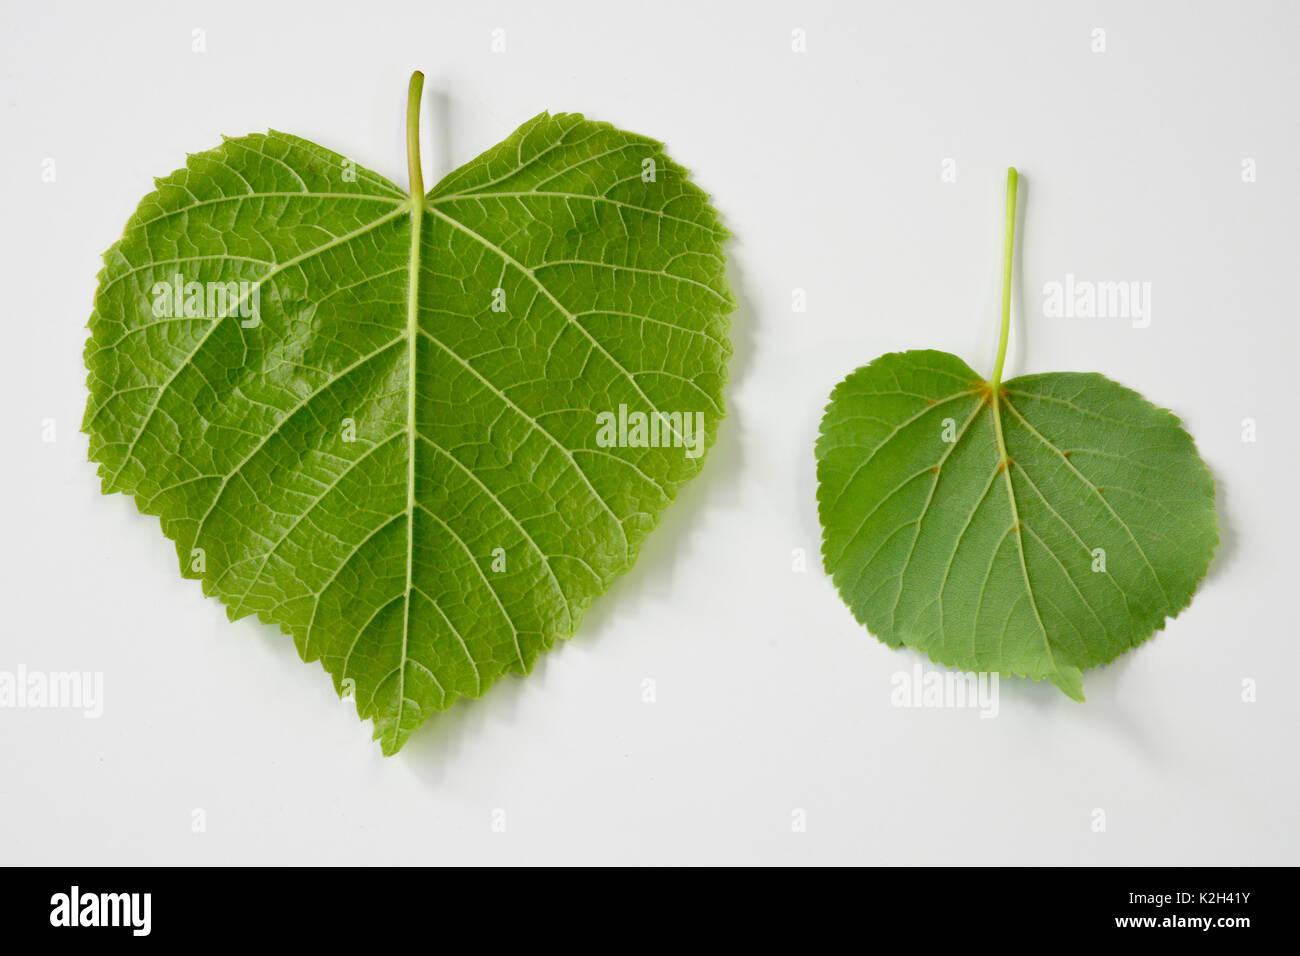 Large leaved Lime (Tilia platyphyllos) left side, leaf and littel-leaved LIme (Tilia cordata)right side, leaf Stock Photo